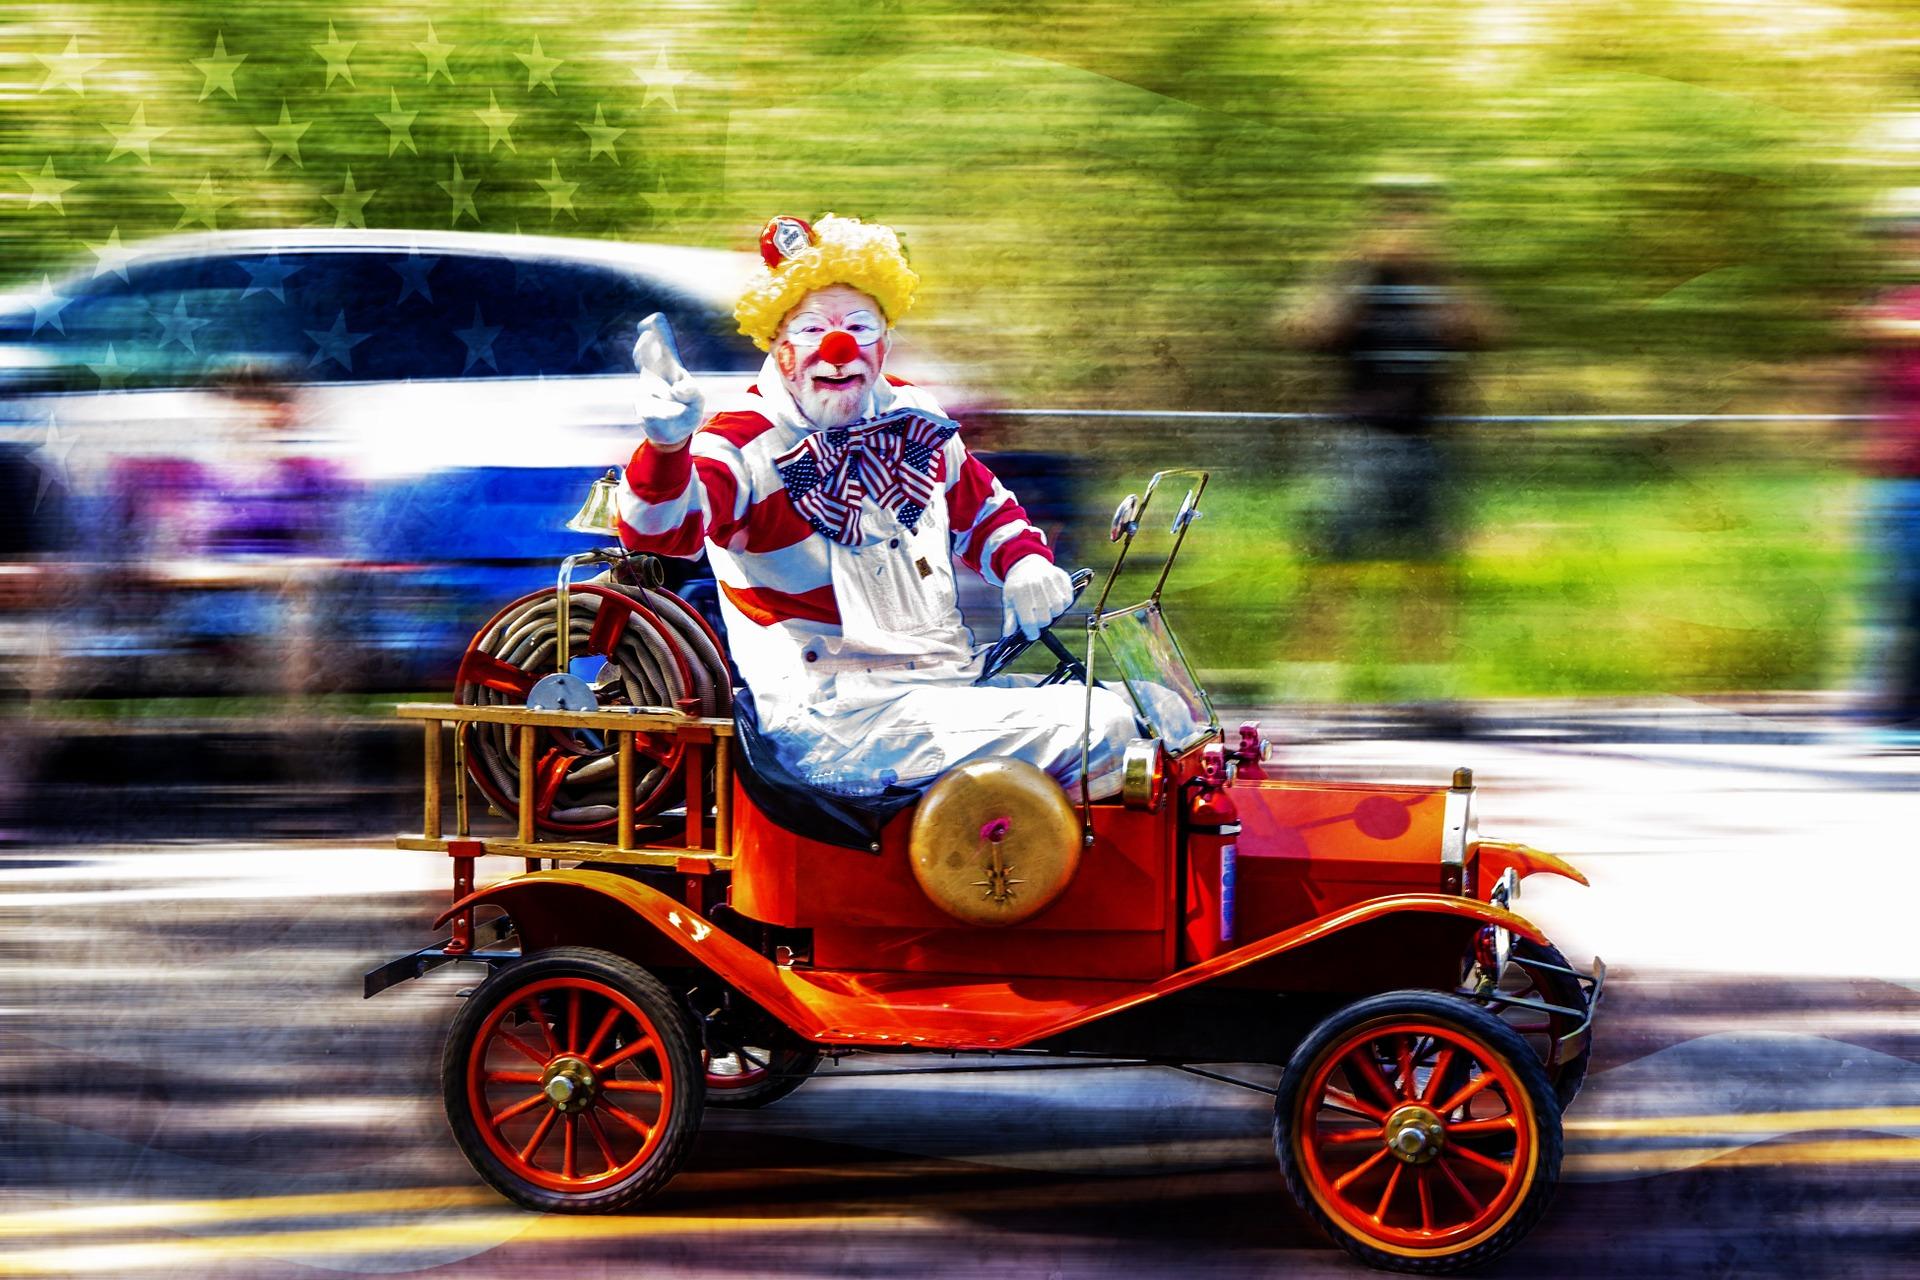 clown-1047828_1920